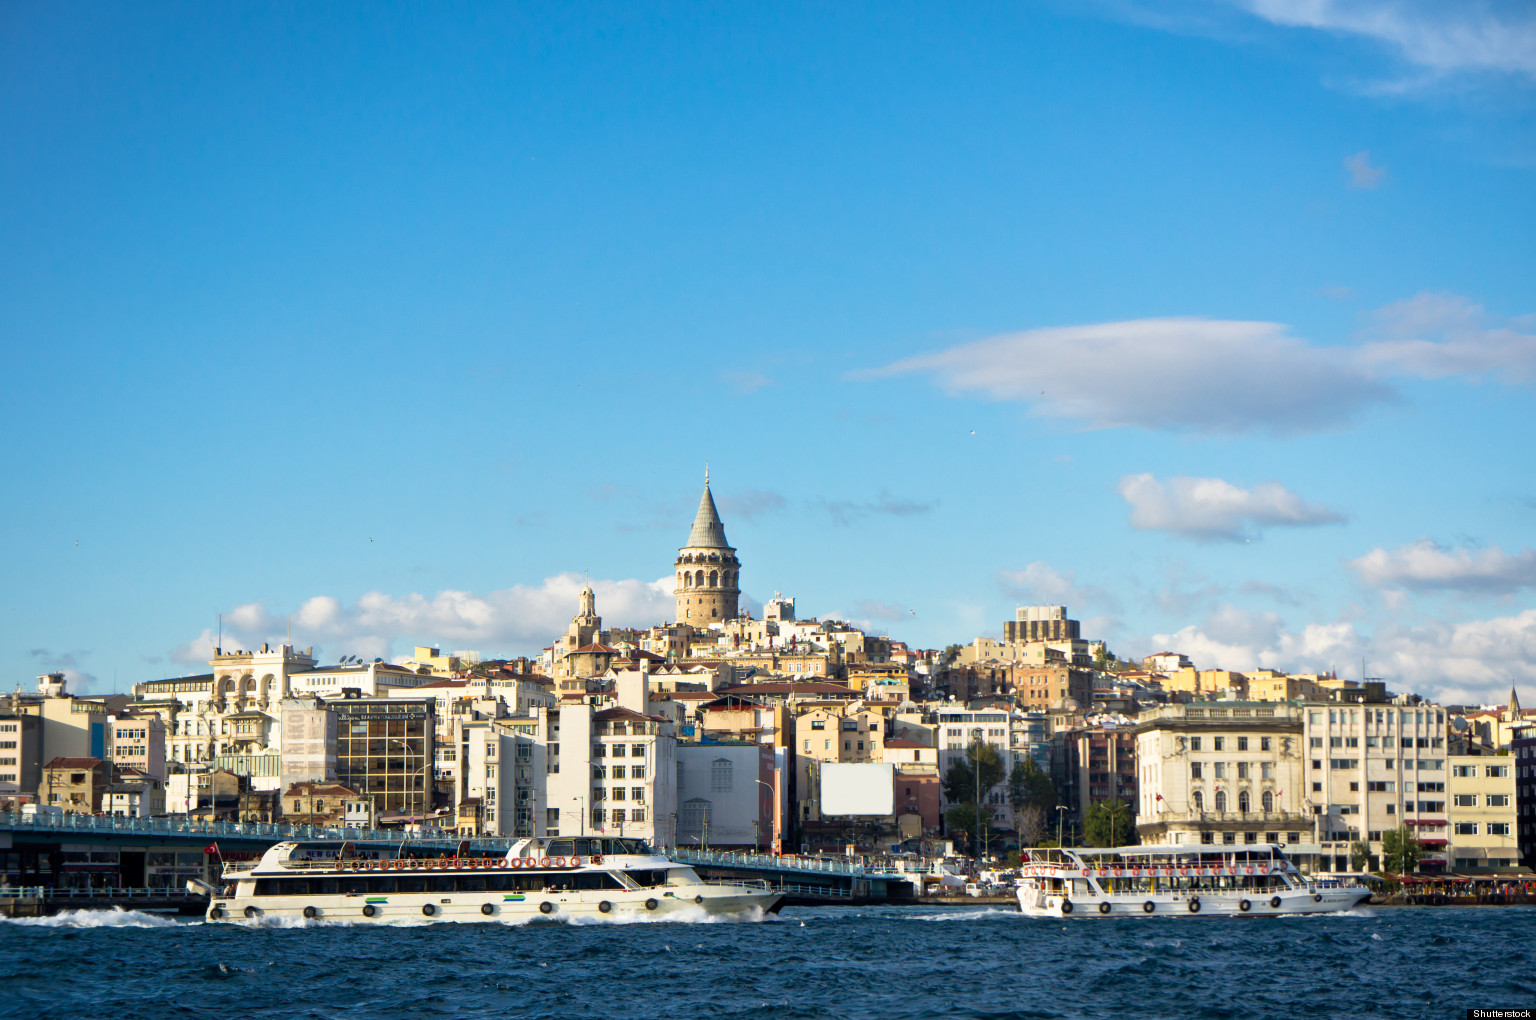 turistmål i turkiet